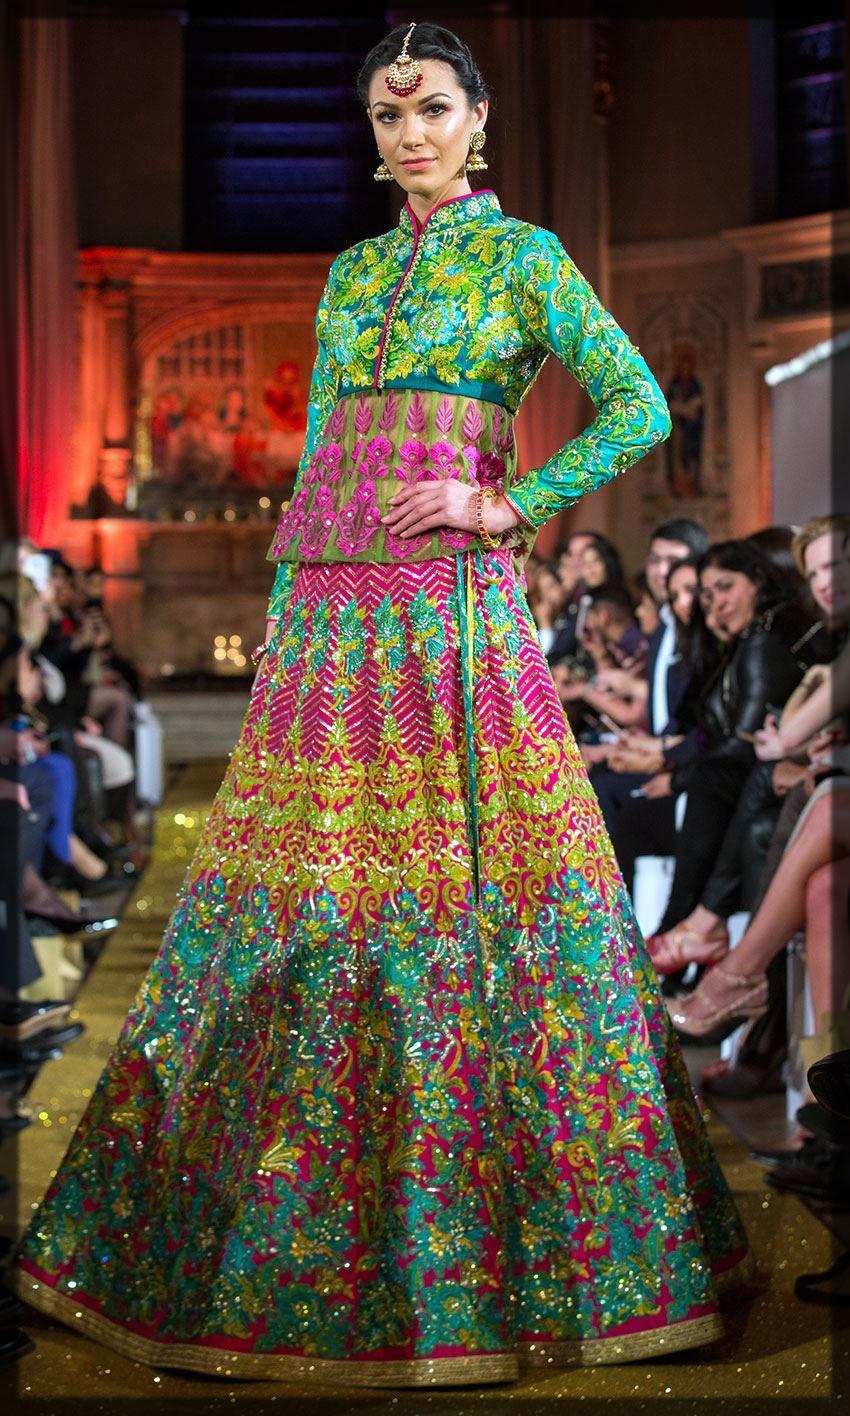 striking green and pink bridal dress